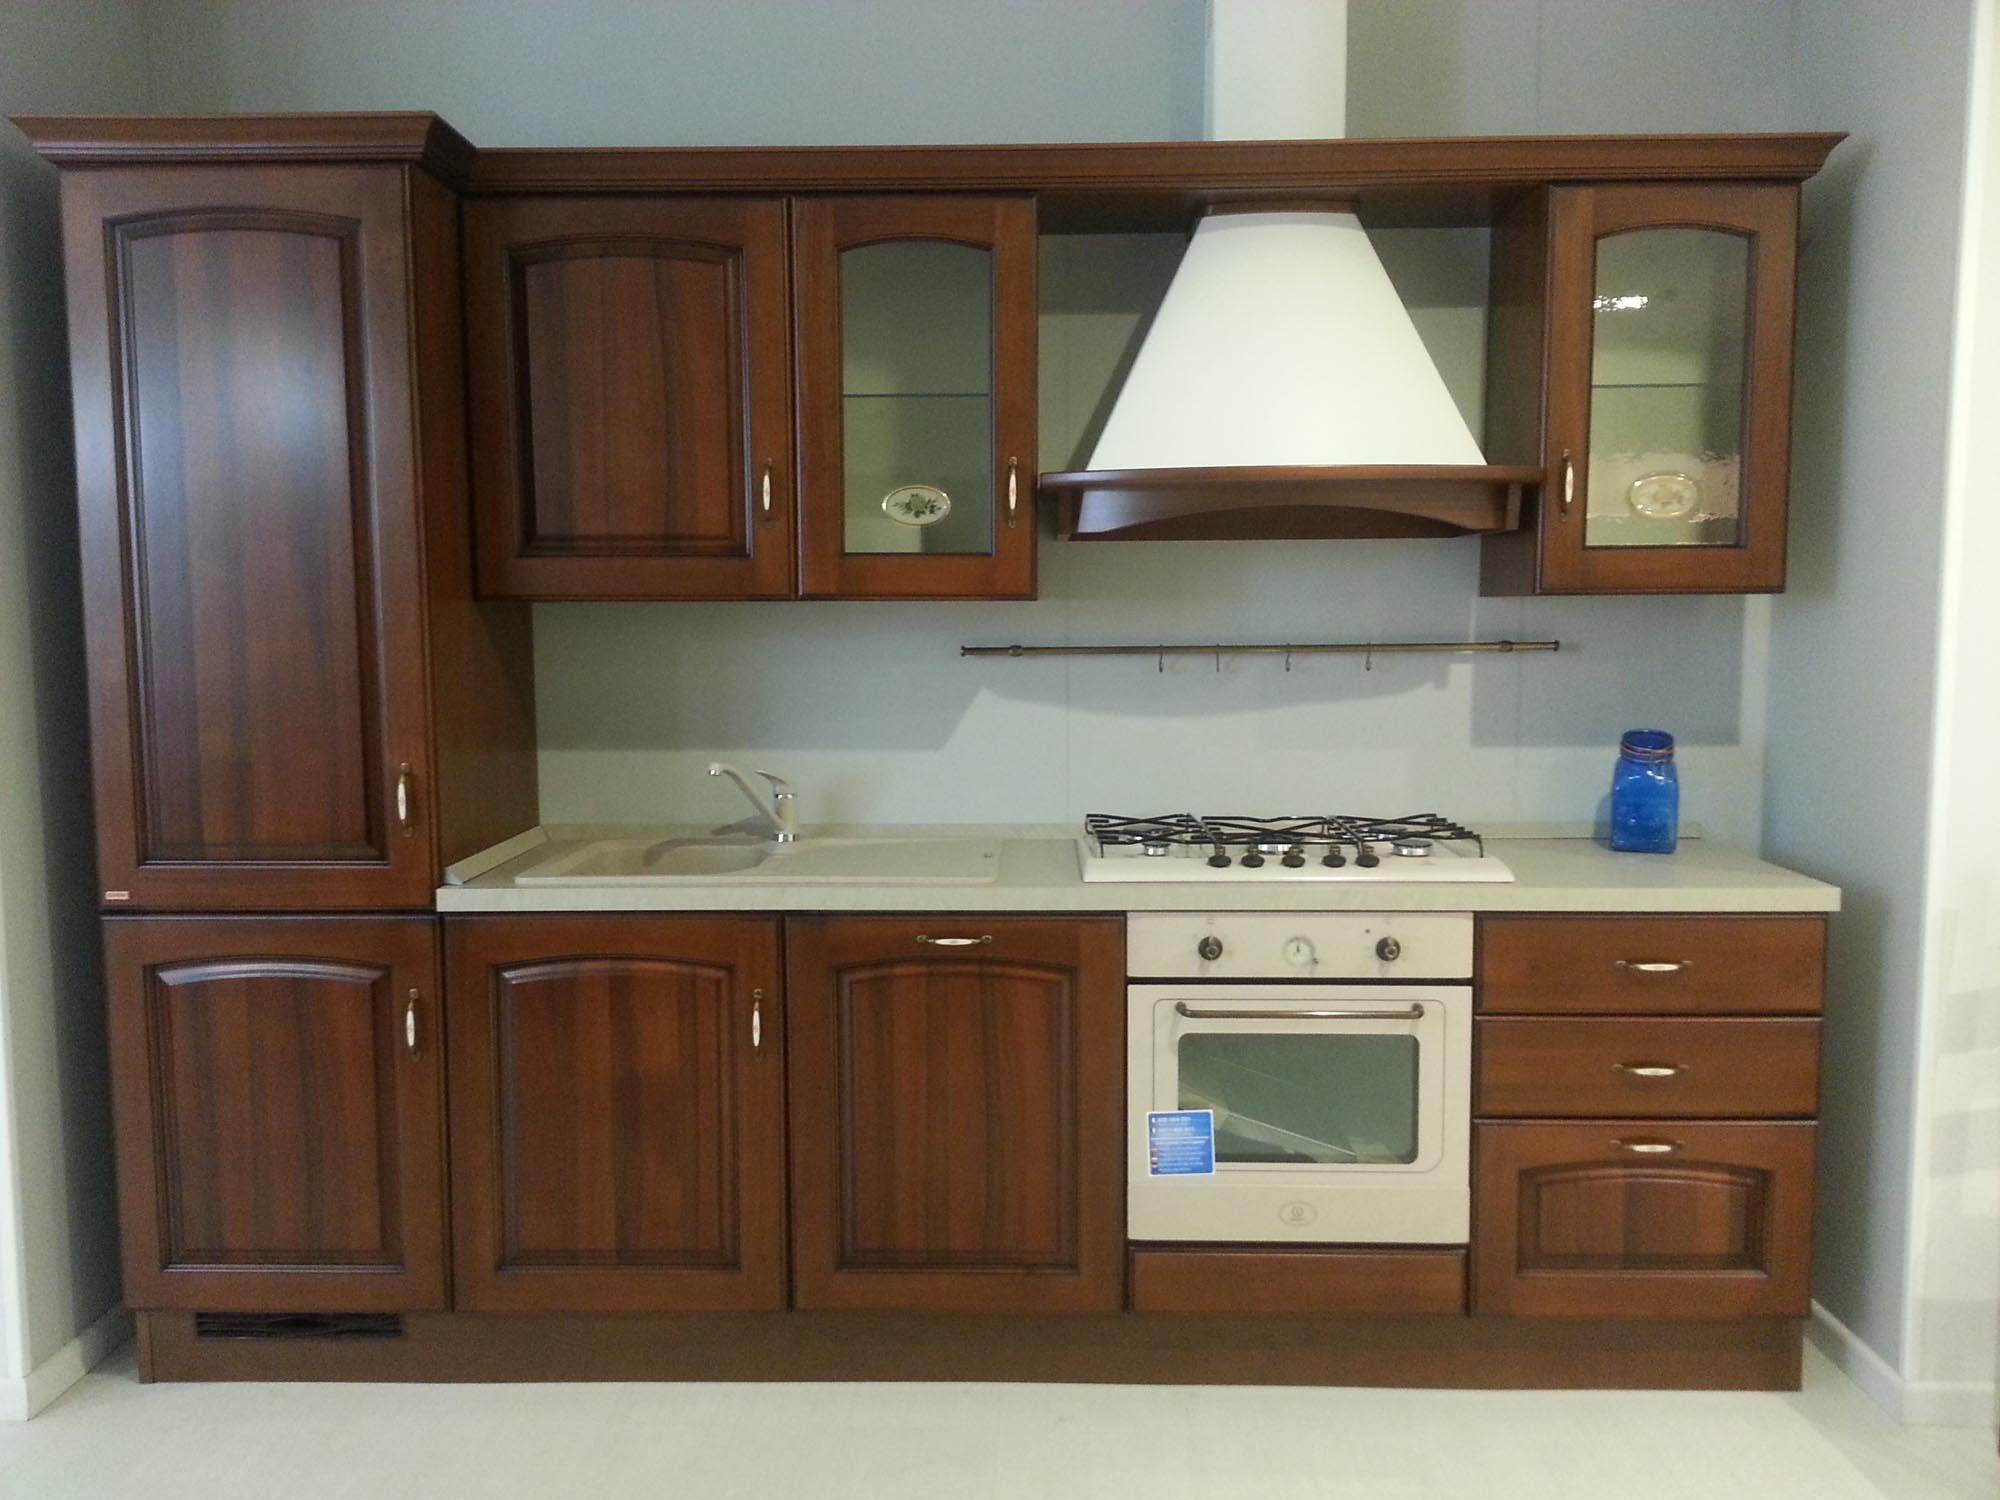 Cucina scavolini madeleine classica legno noce cucine a - Cucina scavolini classica ...